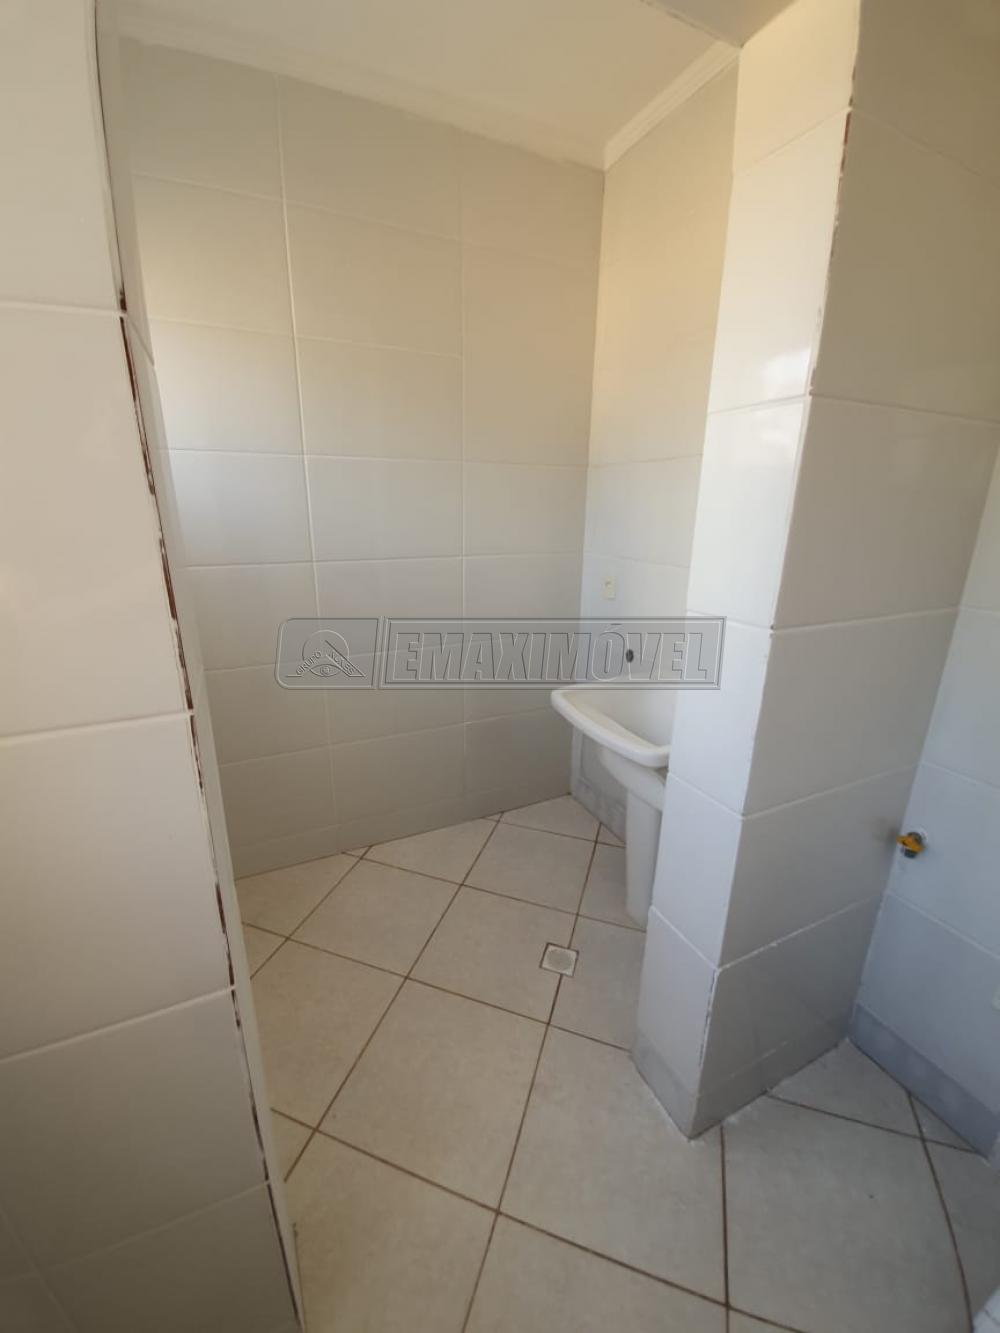 Comprar Apartamentos / Apto Padrão em Sorocaba apenas R$ 140.000,00 - Foto 10